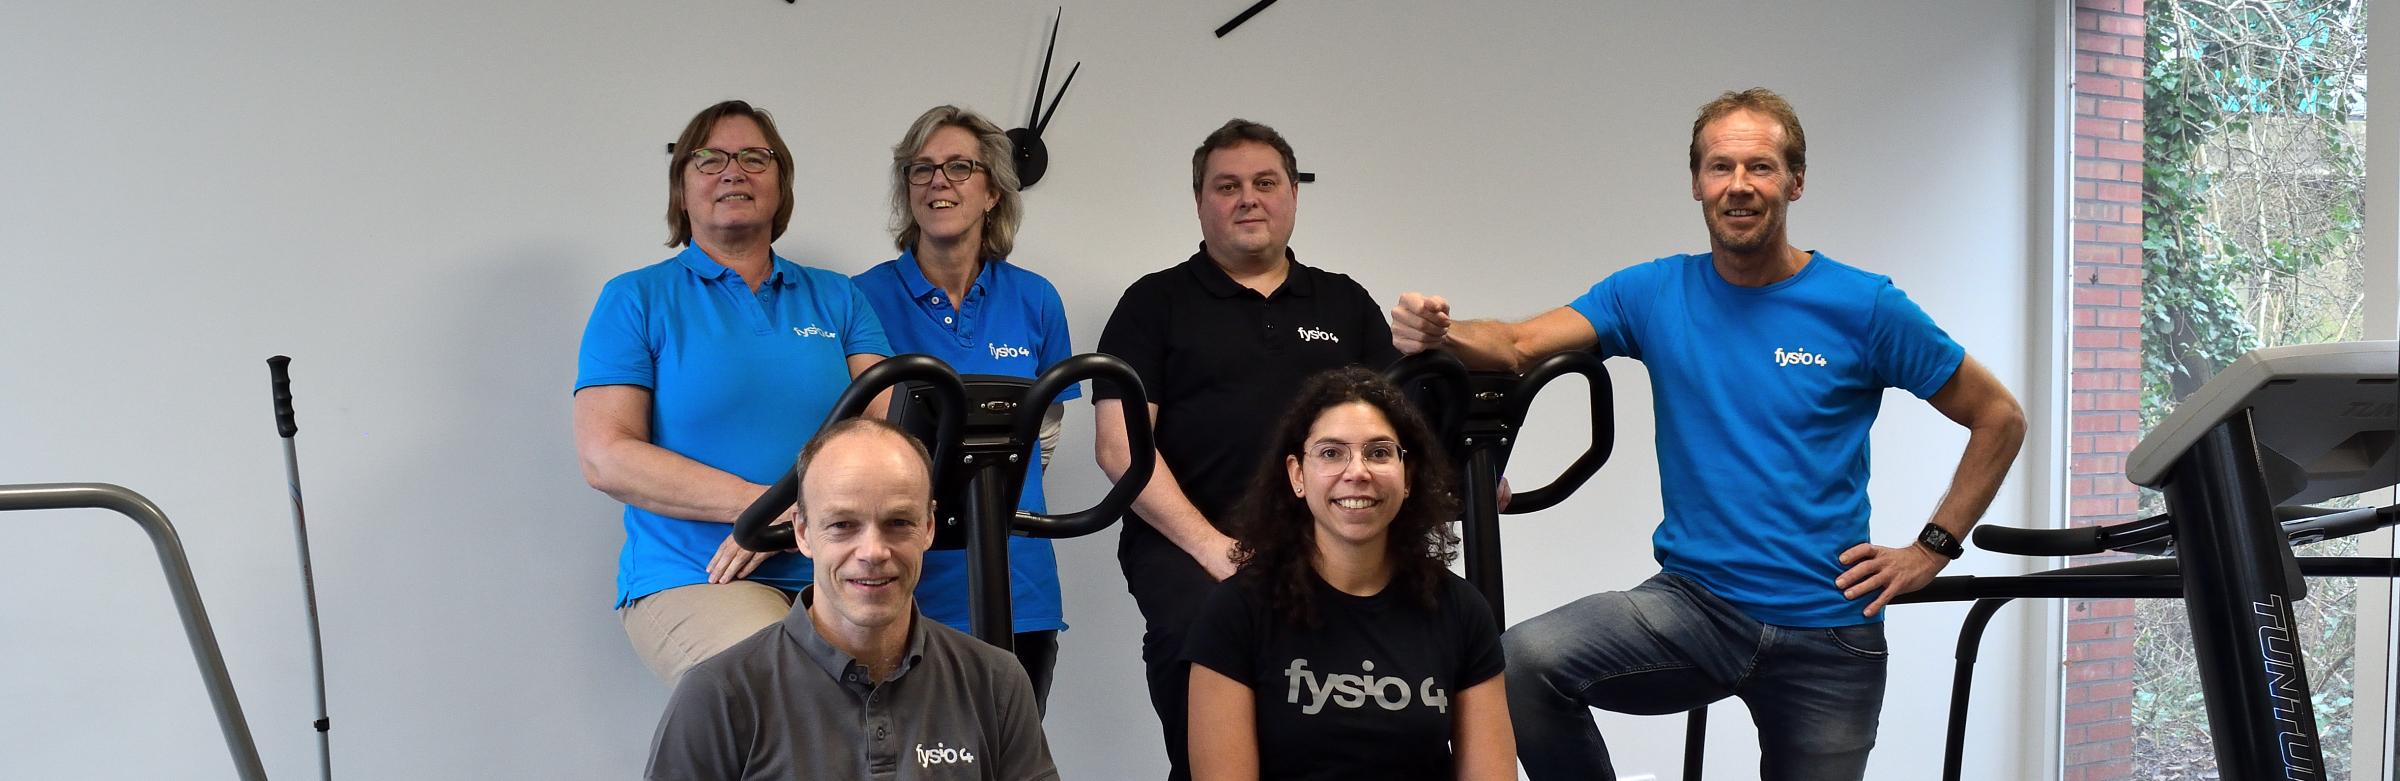 Team foto Fysio 4 2020